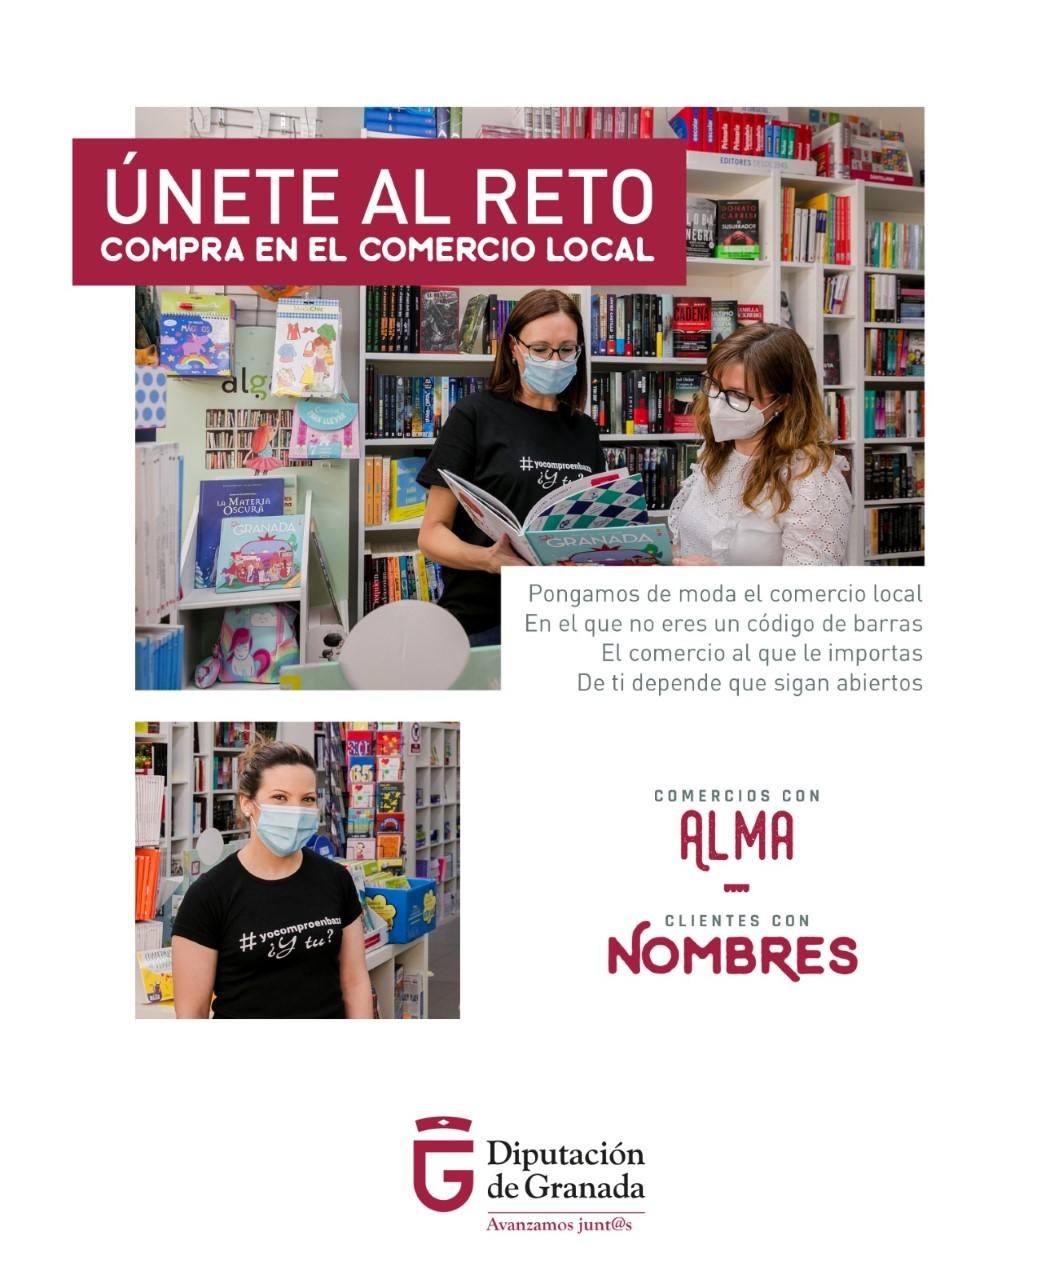 """""""Comercios con alma, clientes con nombre"""", campaña de Diputación para reactivar el comercio local tras la pandemia"""